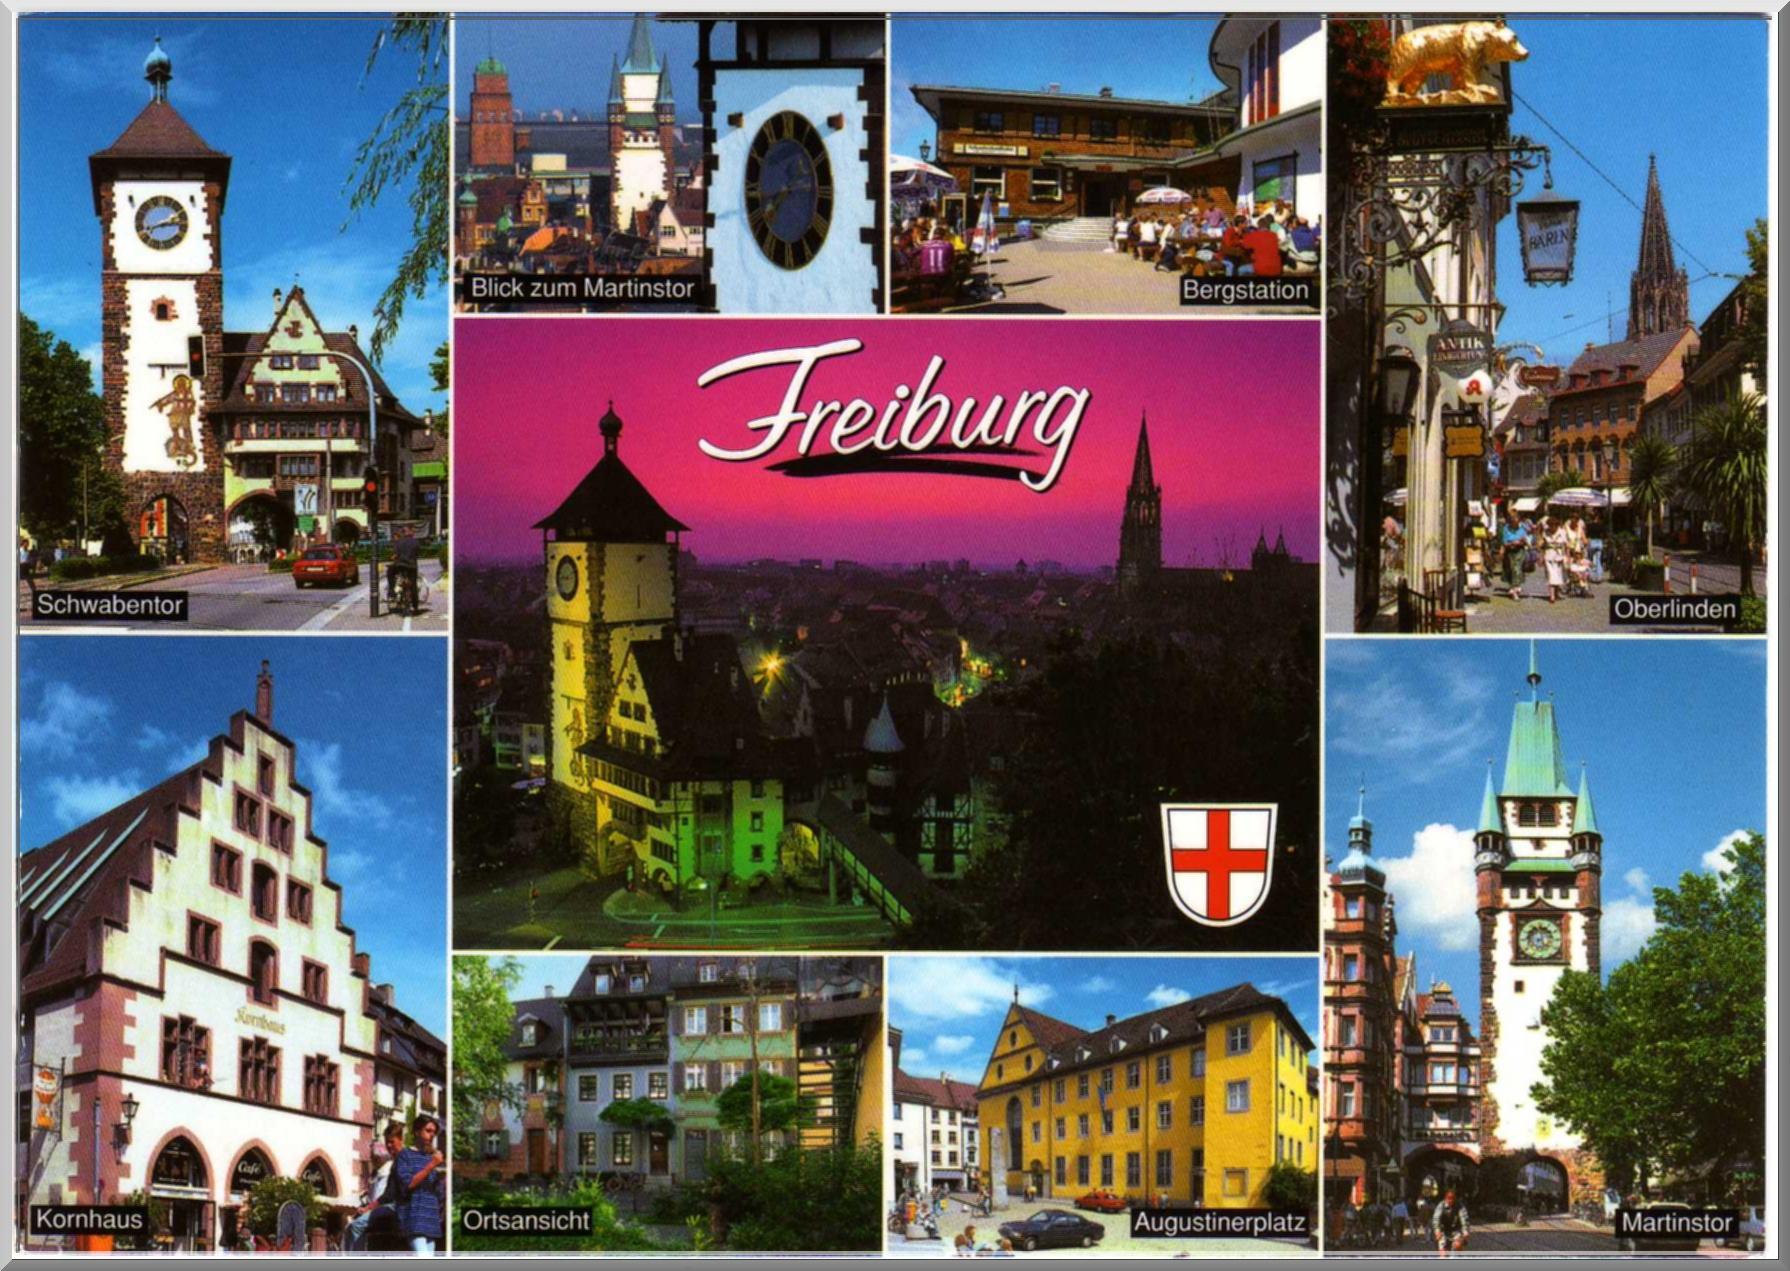 freiburg_front.jpg